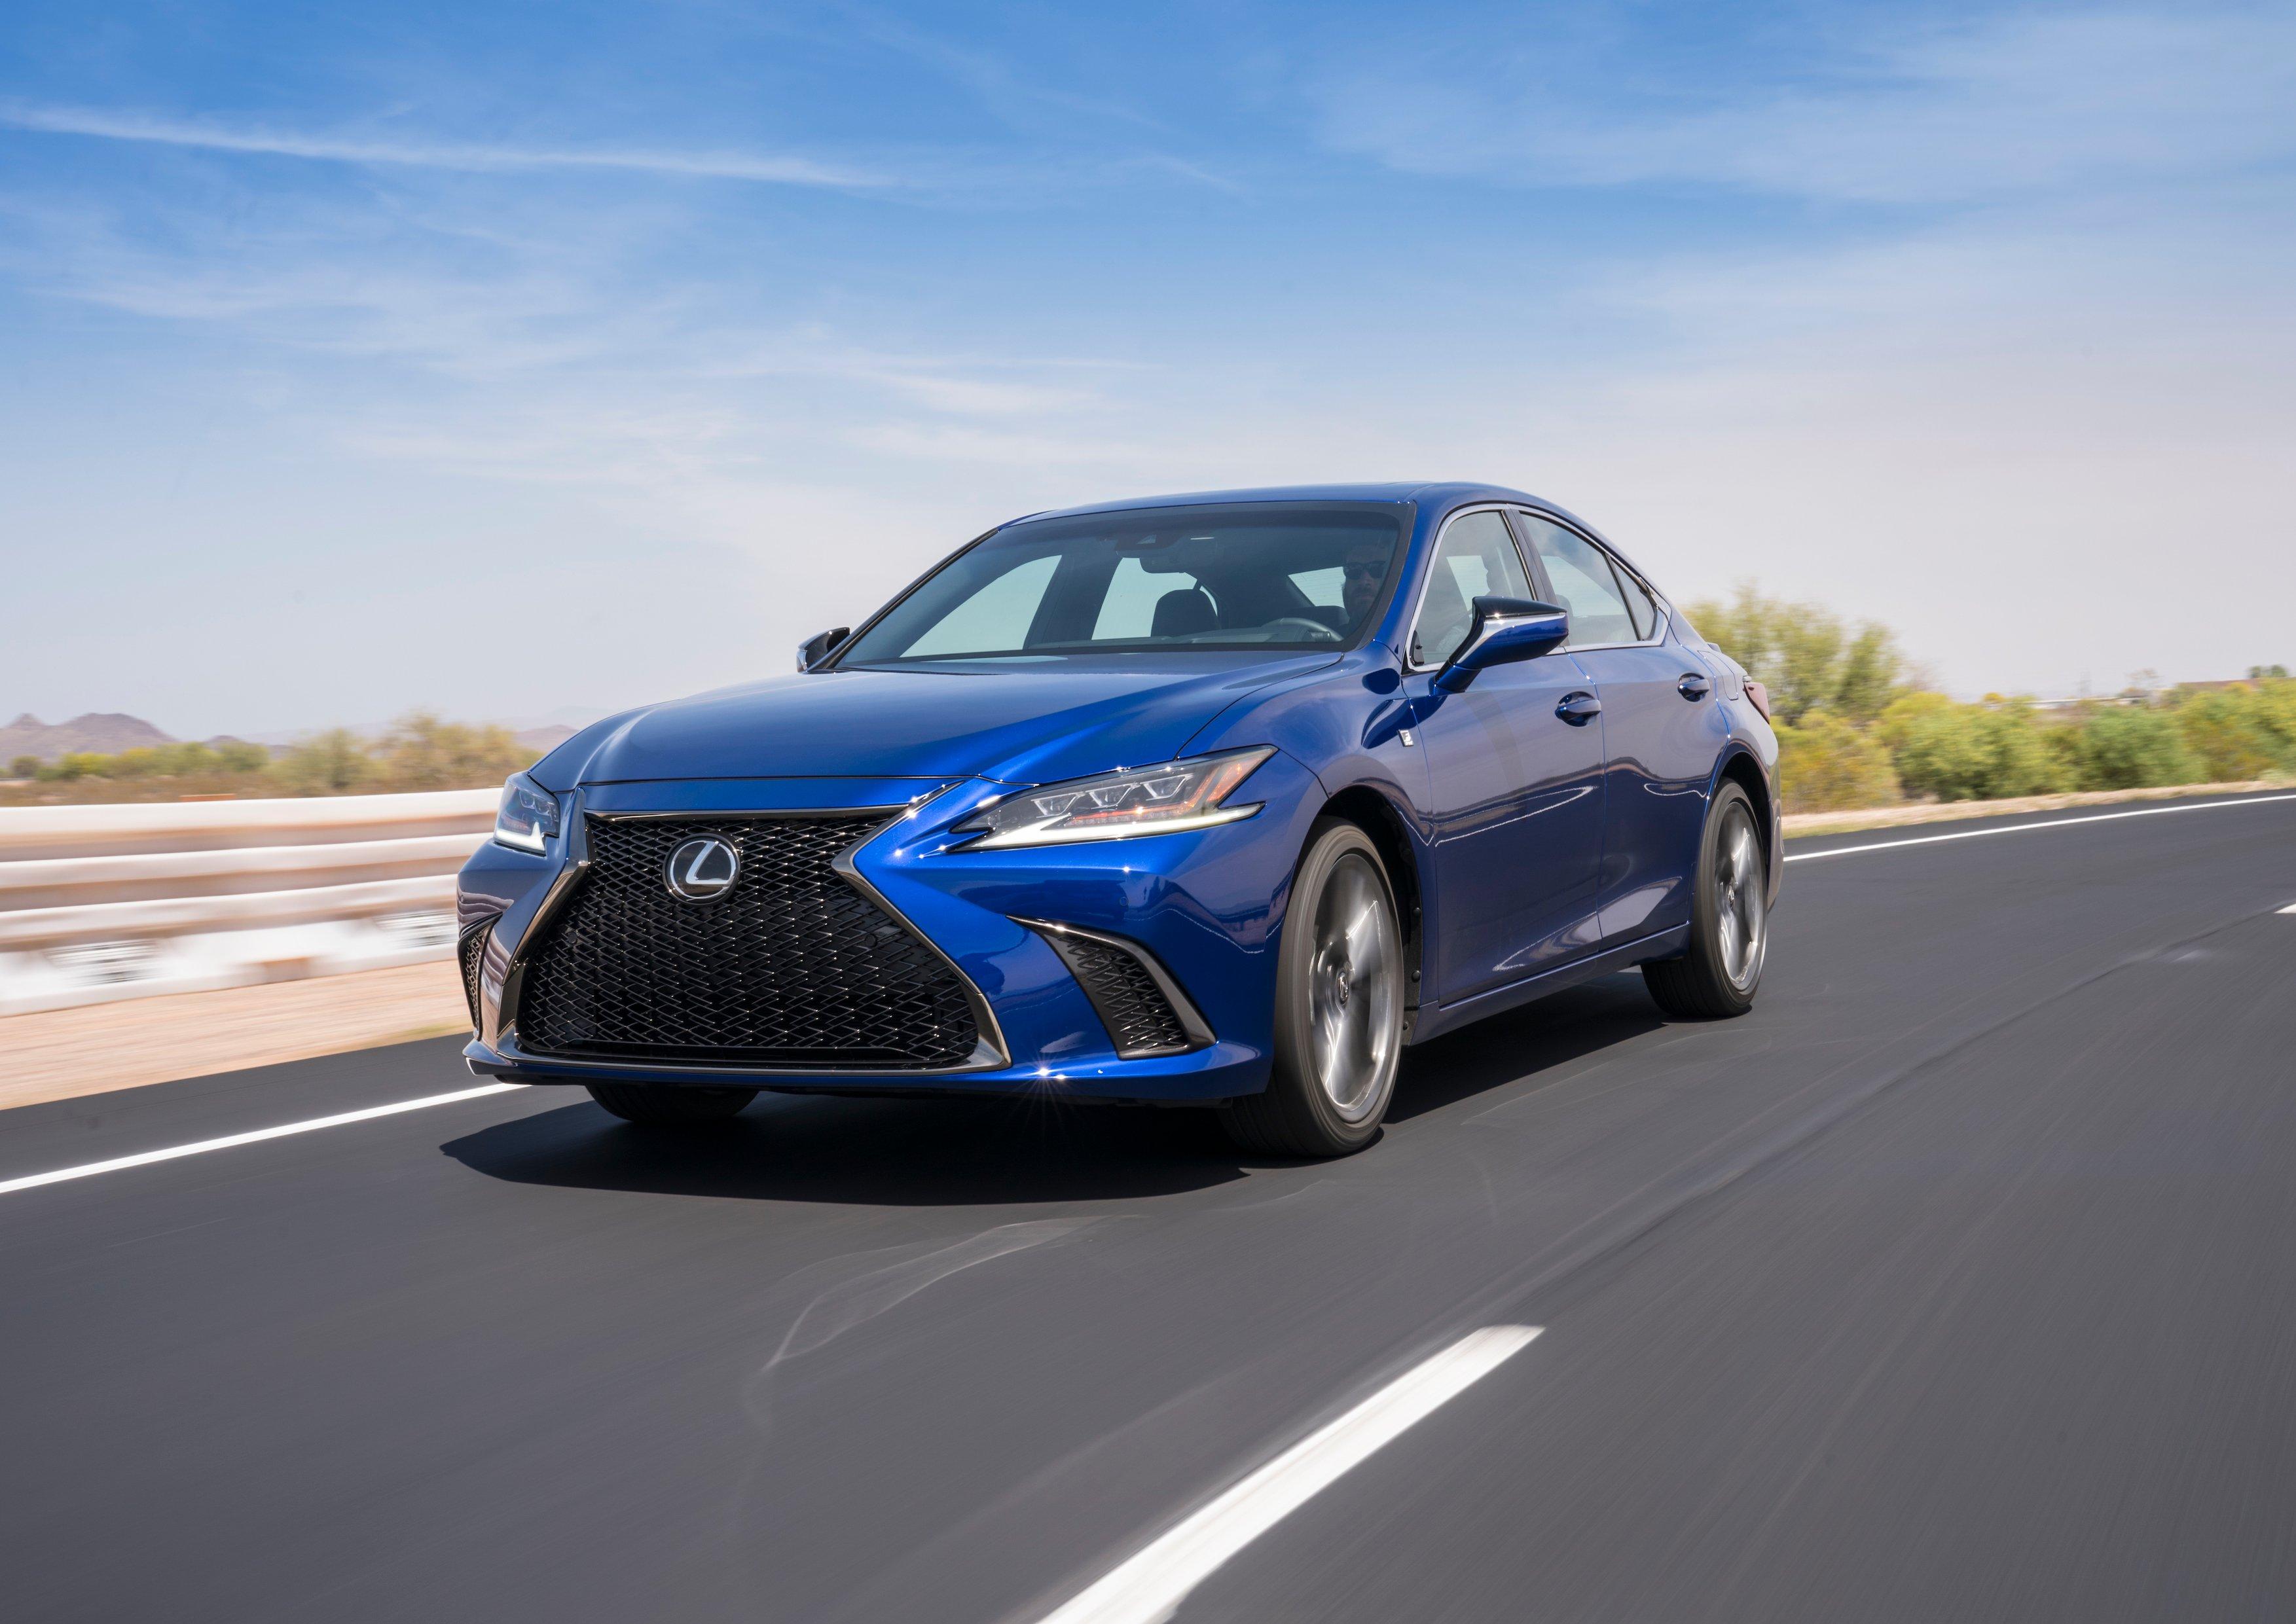 en price img luxury hybrid cars sedan used lexus car